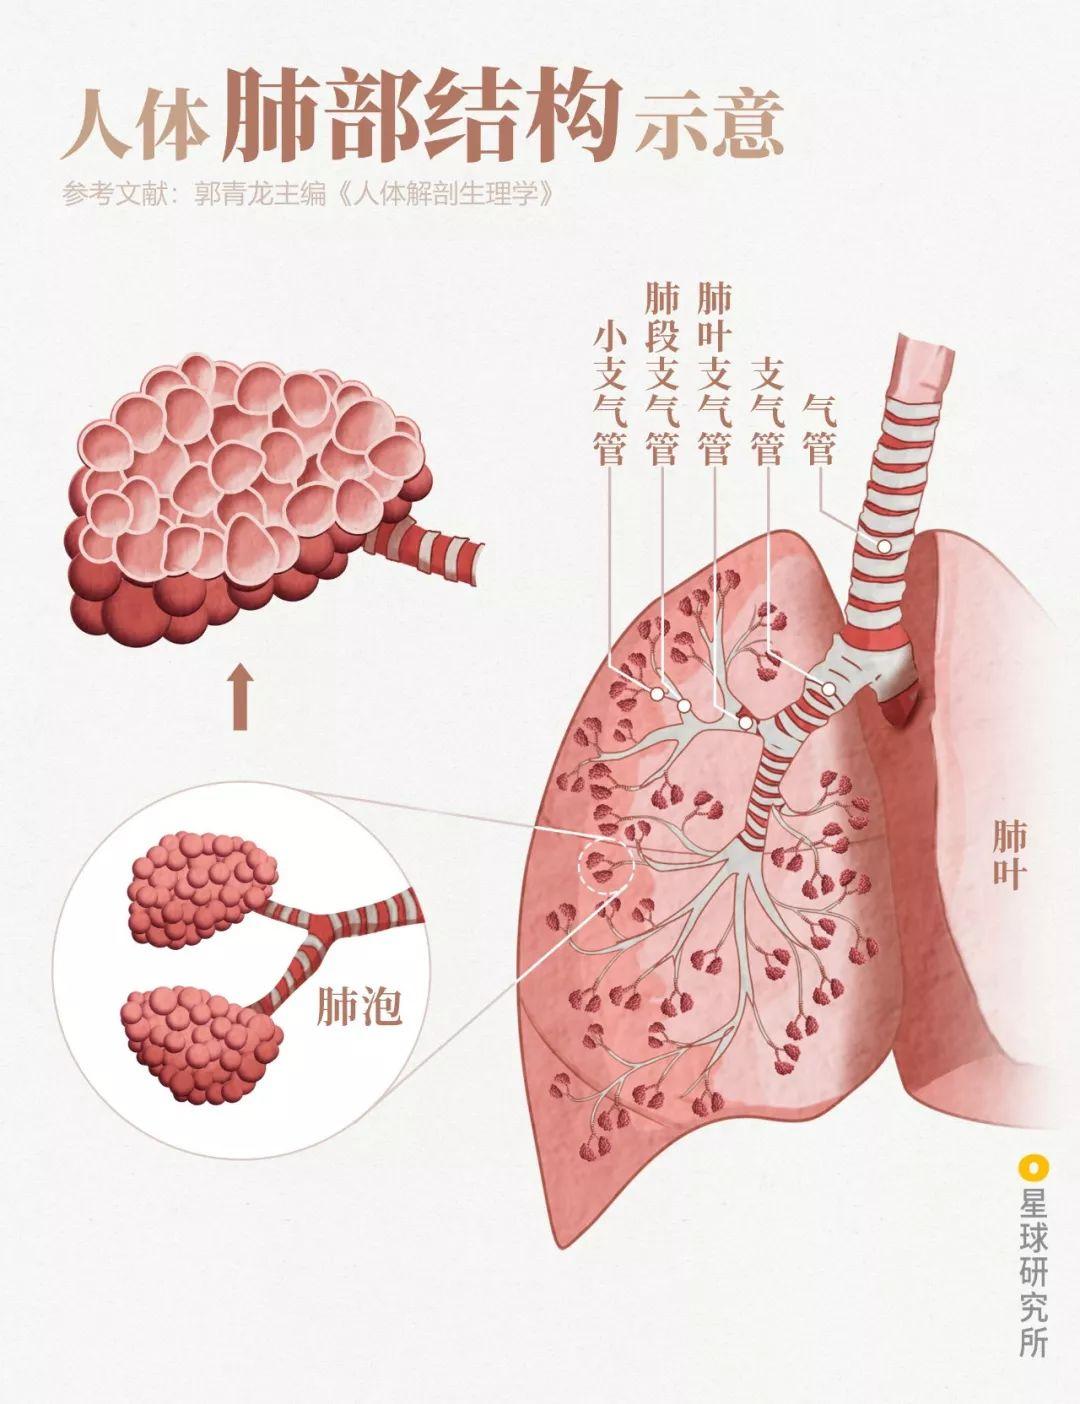 感染病毒后的168小时,你的体内都发生了什么?